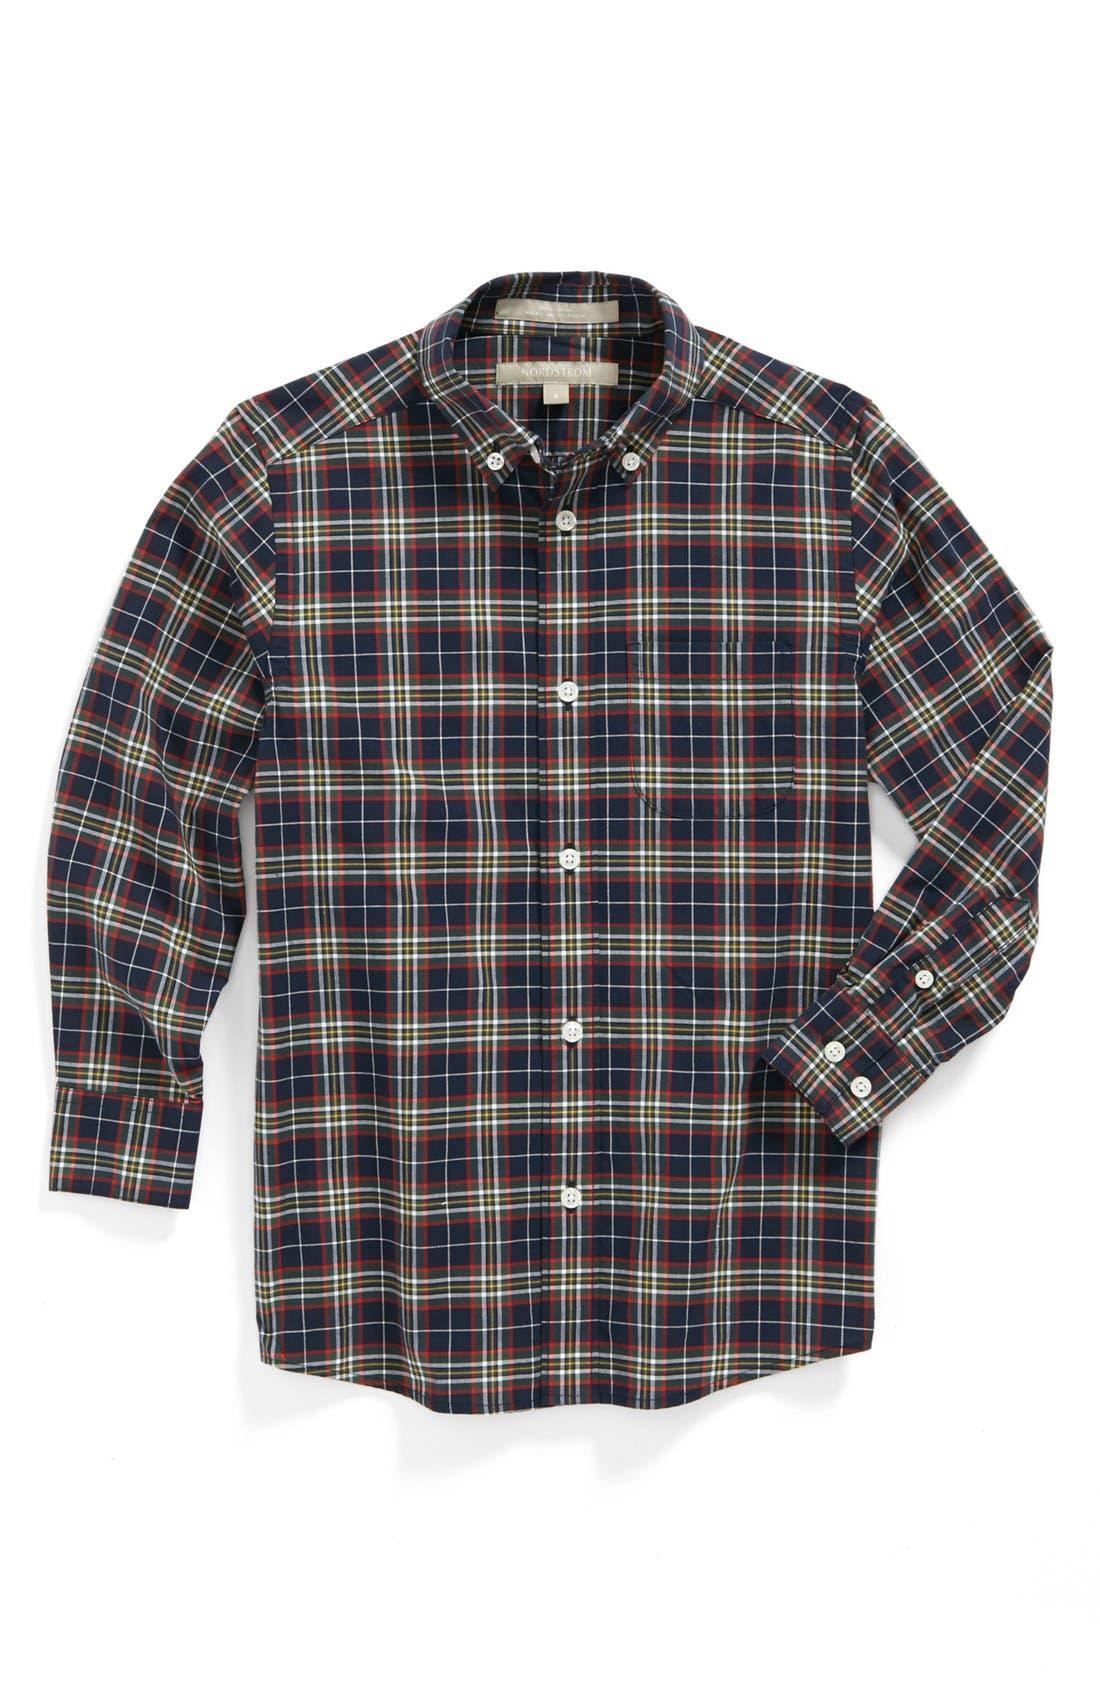 Main Image - Nordstrom Gingham Dress Shirt (Little Boys)